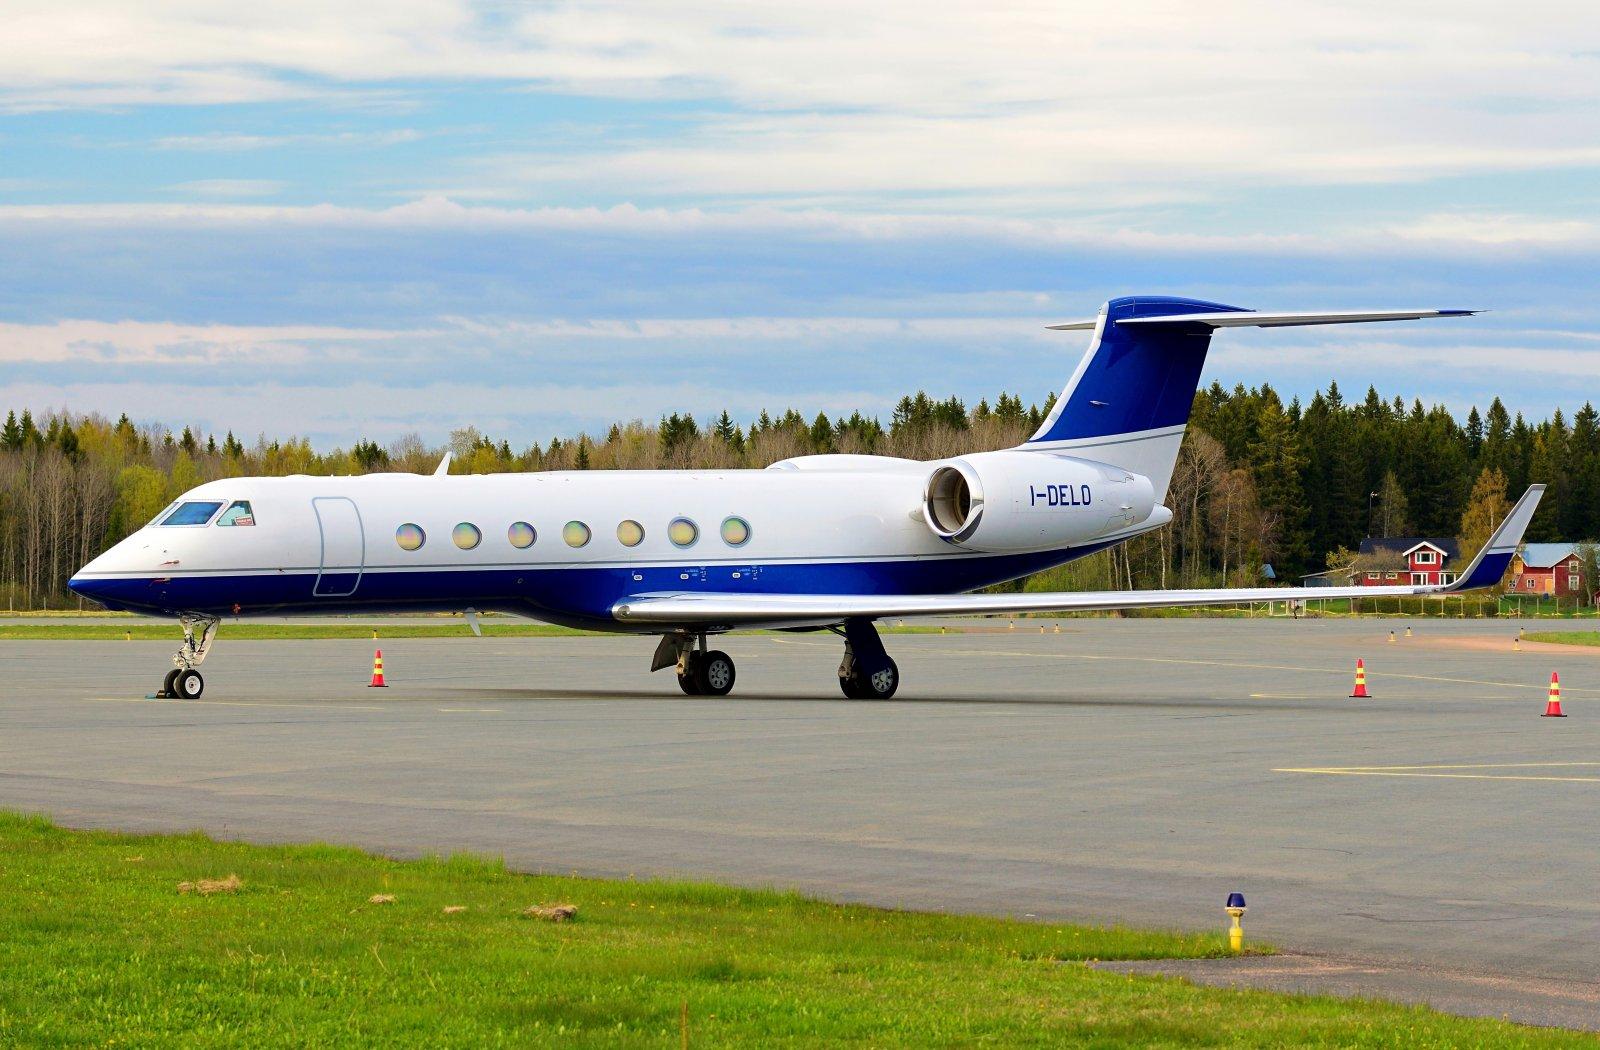 I-DELO - Gulfstream G550 - Sirio Executive - 23.5.2020